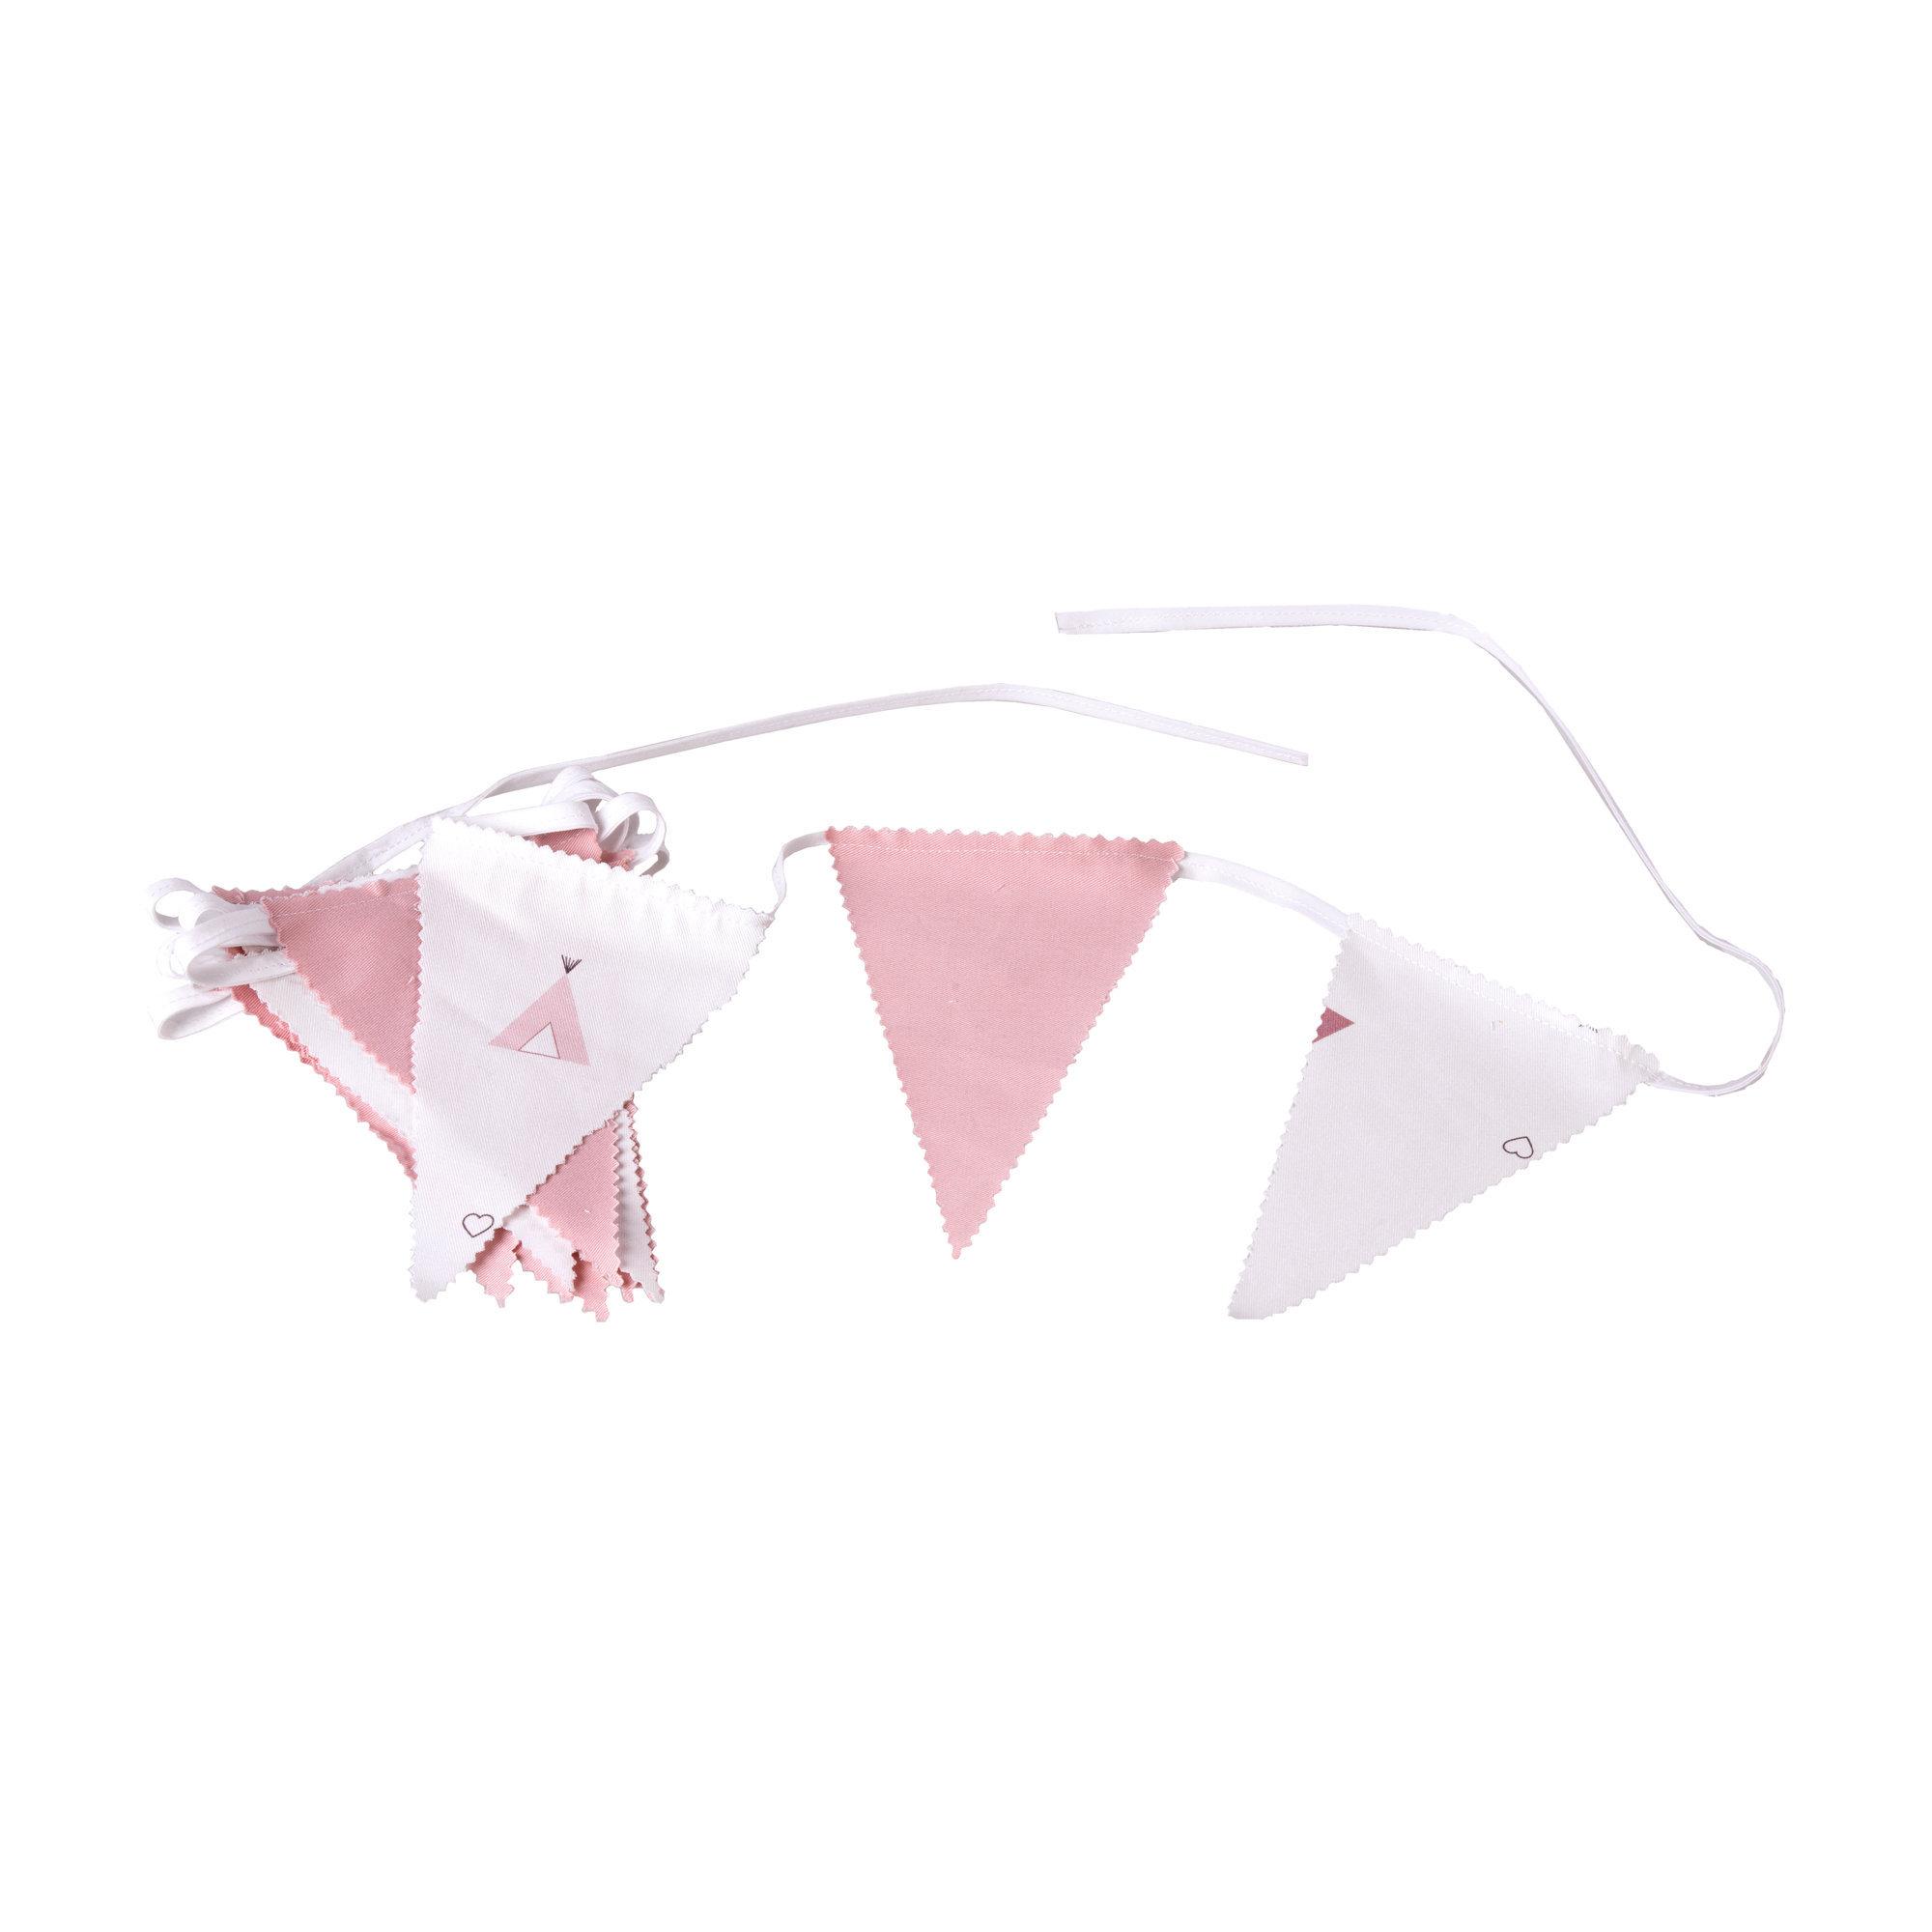 Guirnalda decorativa para habitación de bebé en color rosa y blanco